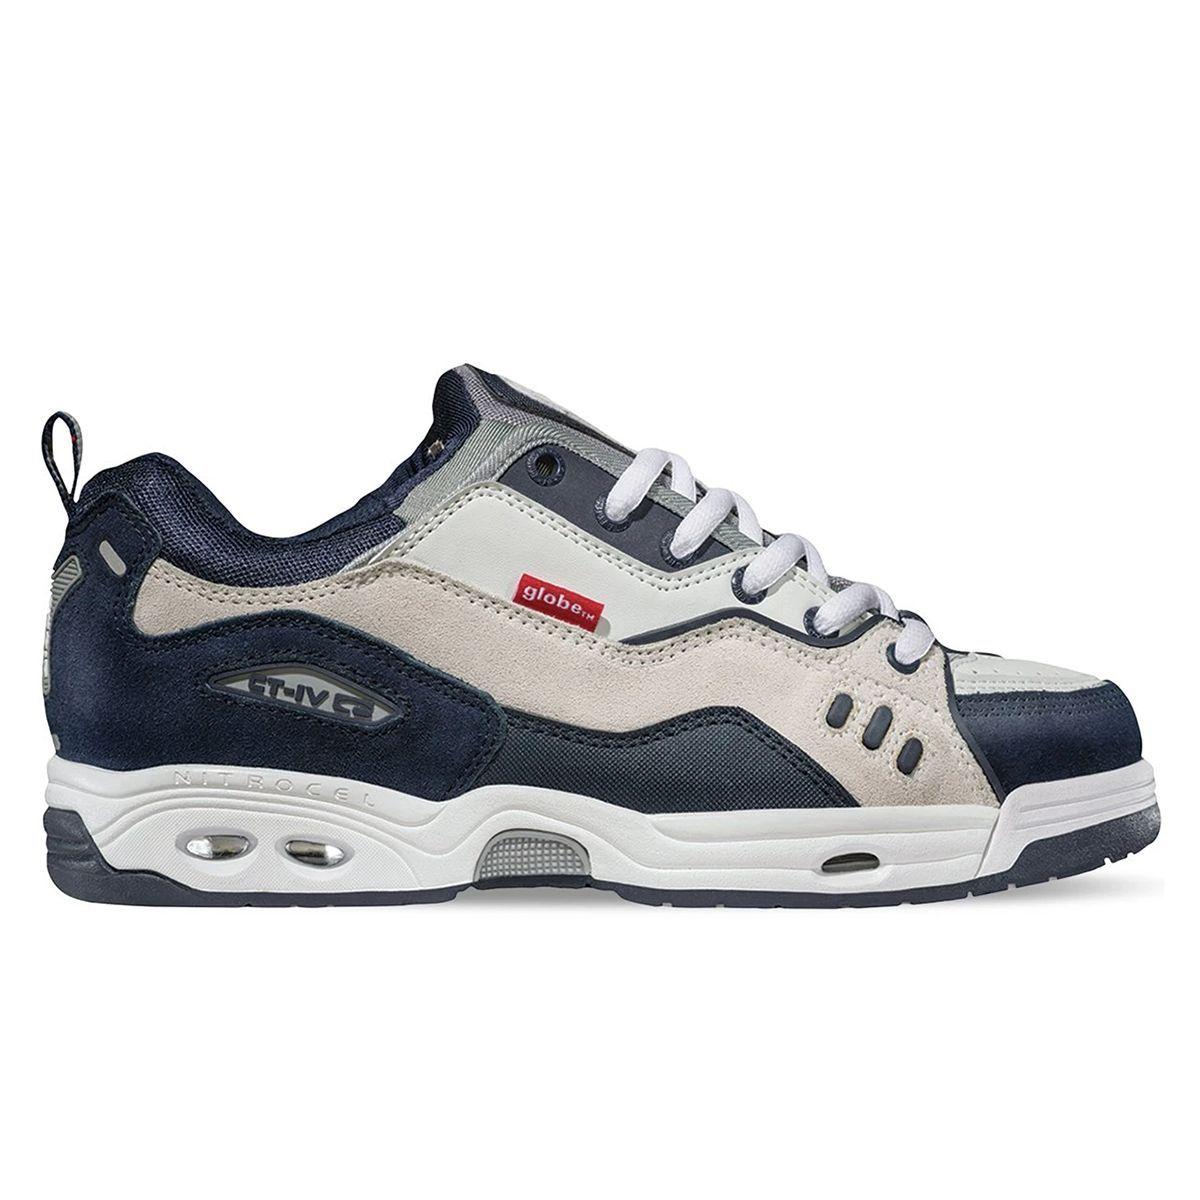 blue Chet Thomas pro-model big skate shoes